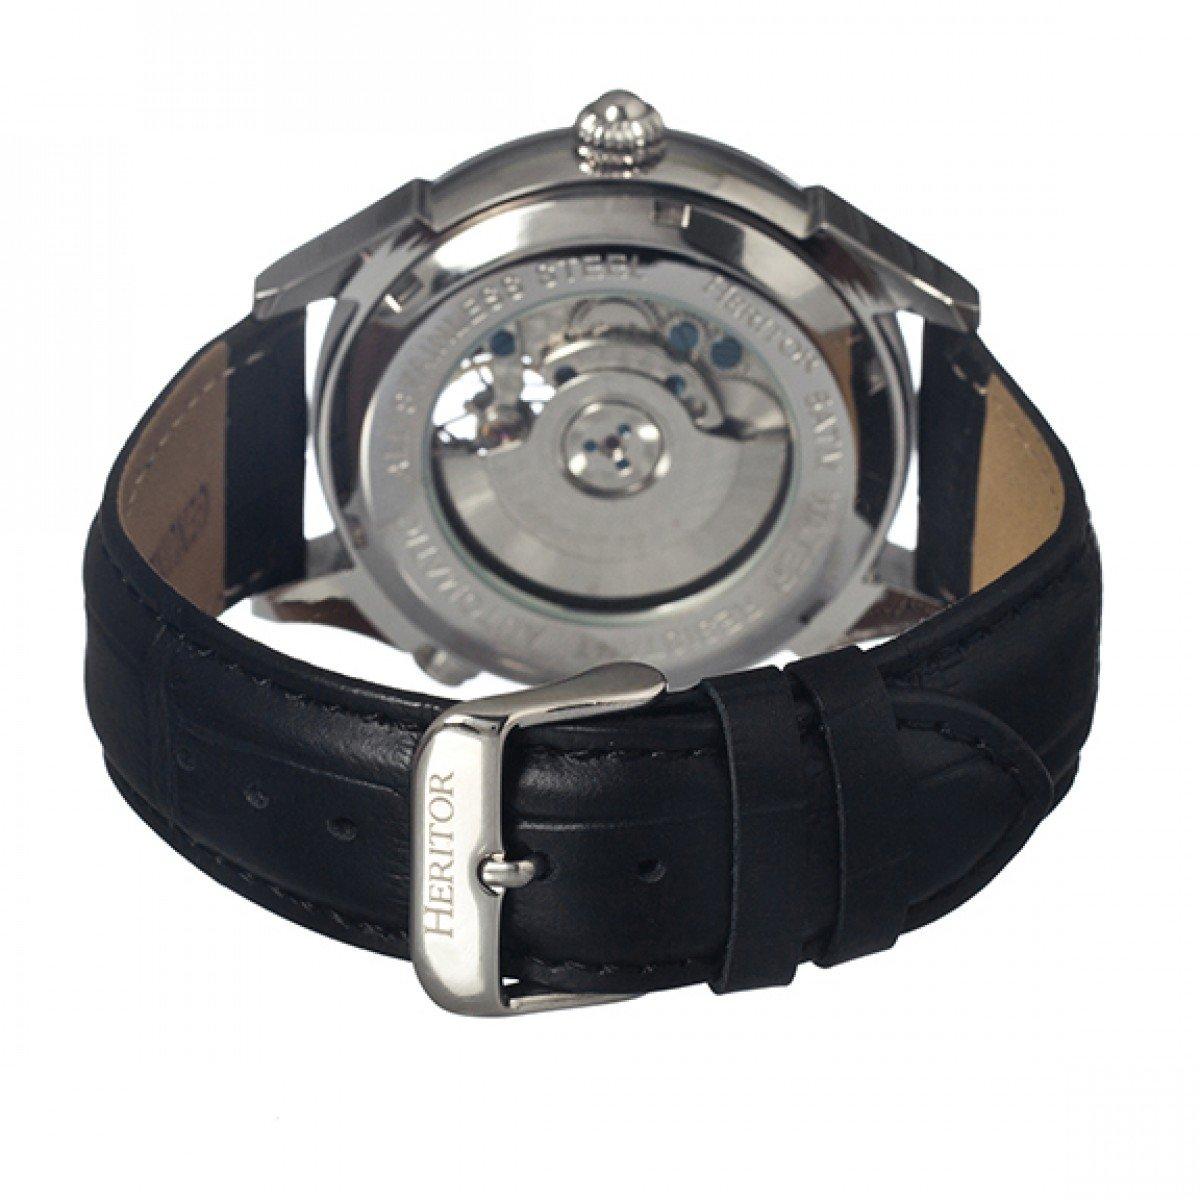 heritor automatic HERHR1201 - Reloj, correa de cuero color negro: Amazon.es: Relojes